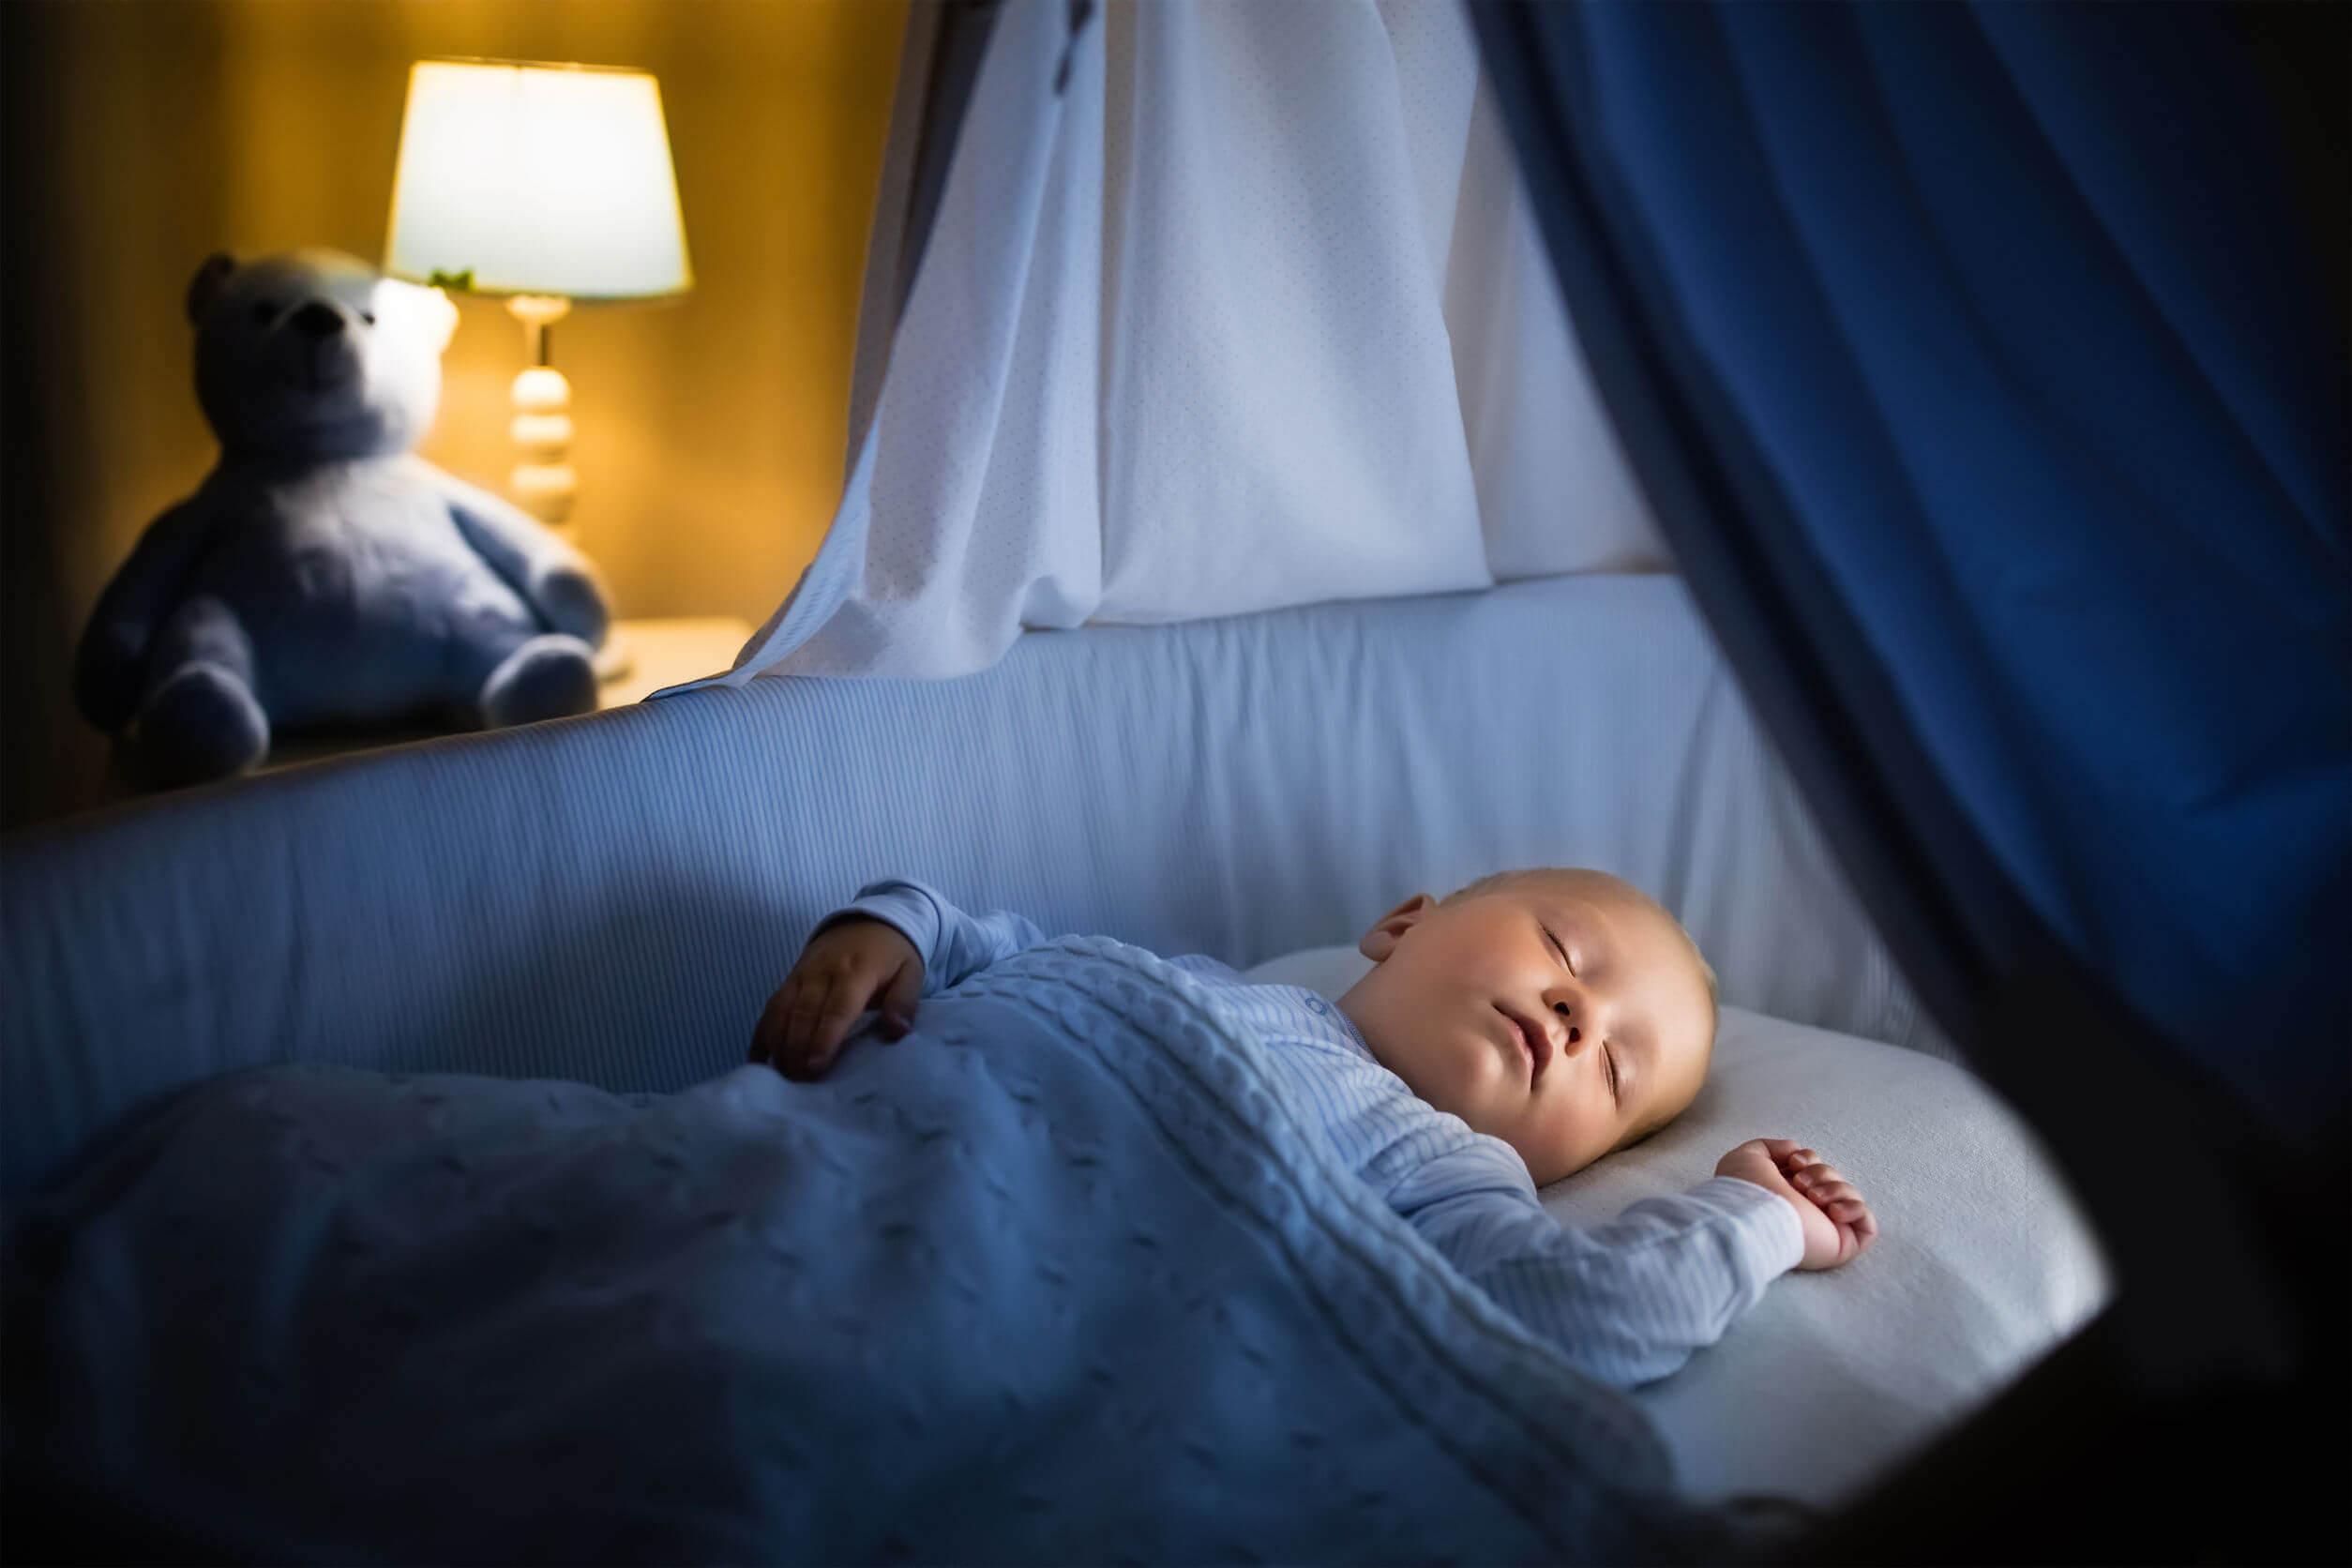 Niño con alteraciones para dormir o regresiones del sueño.